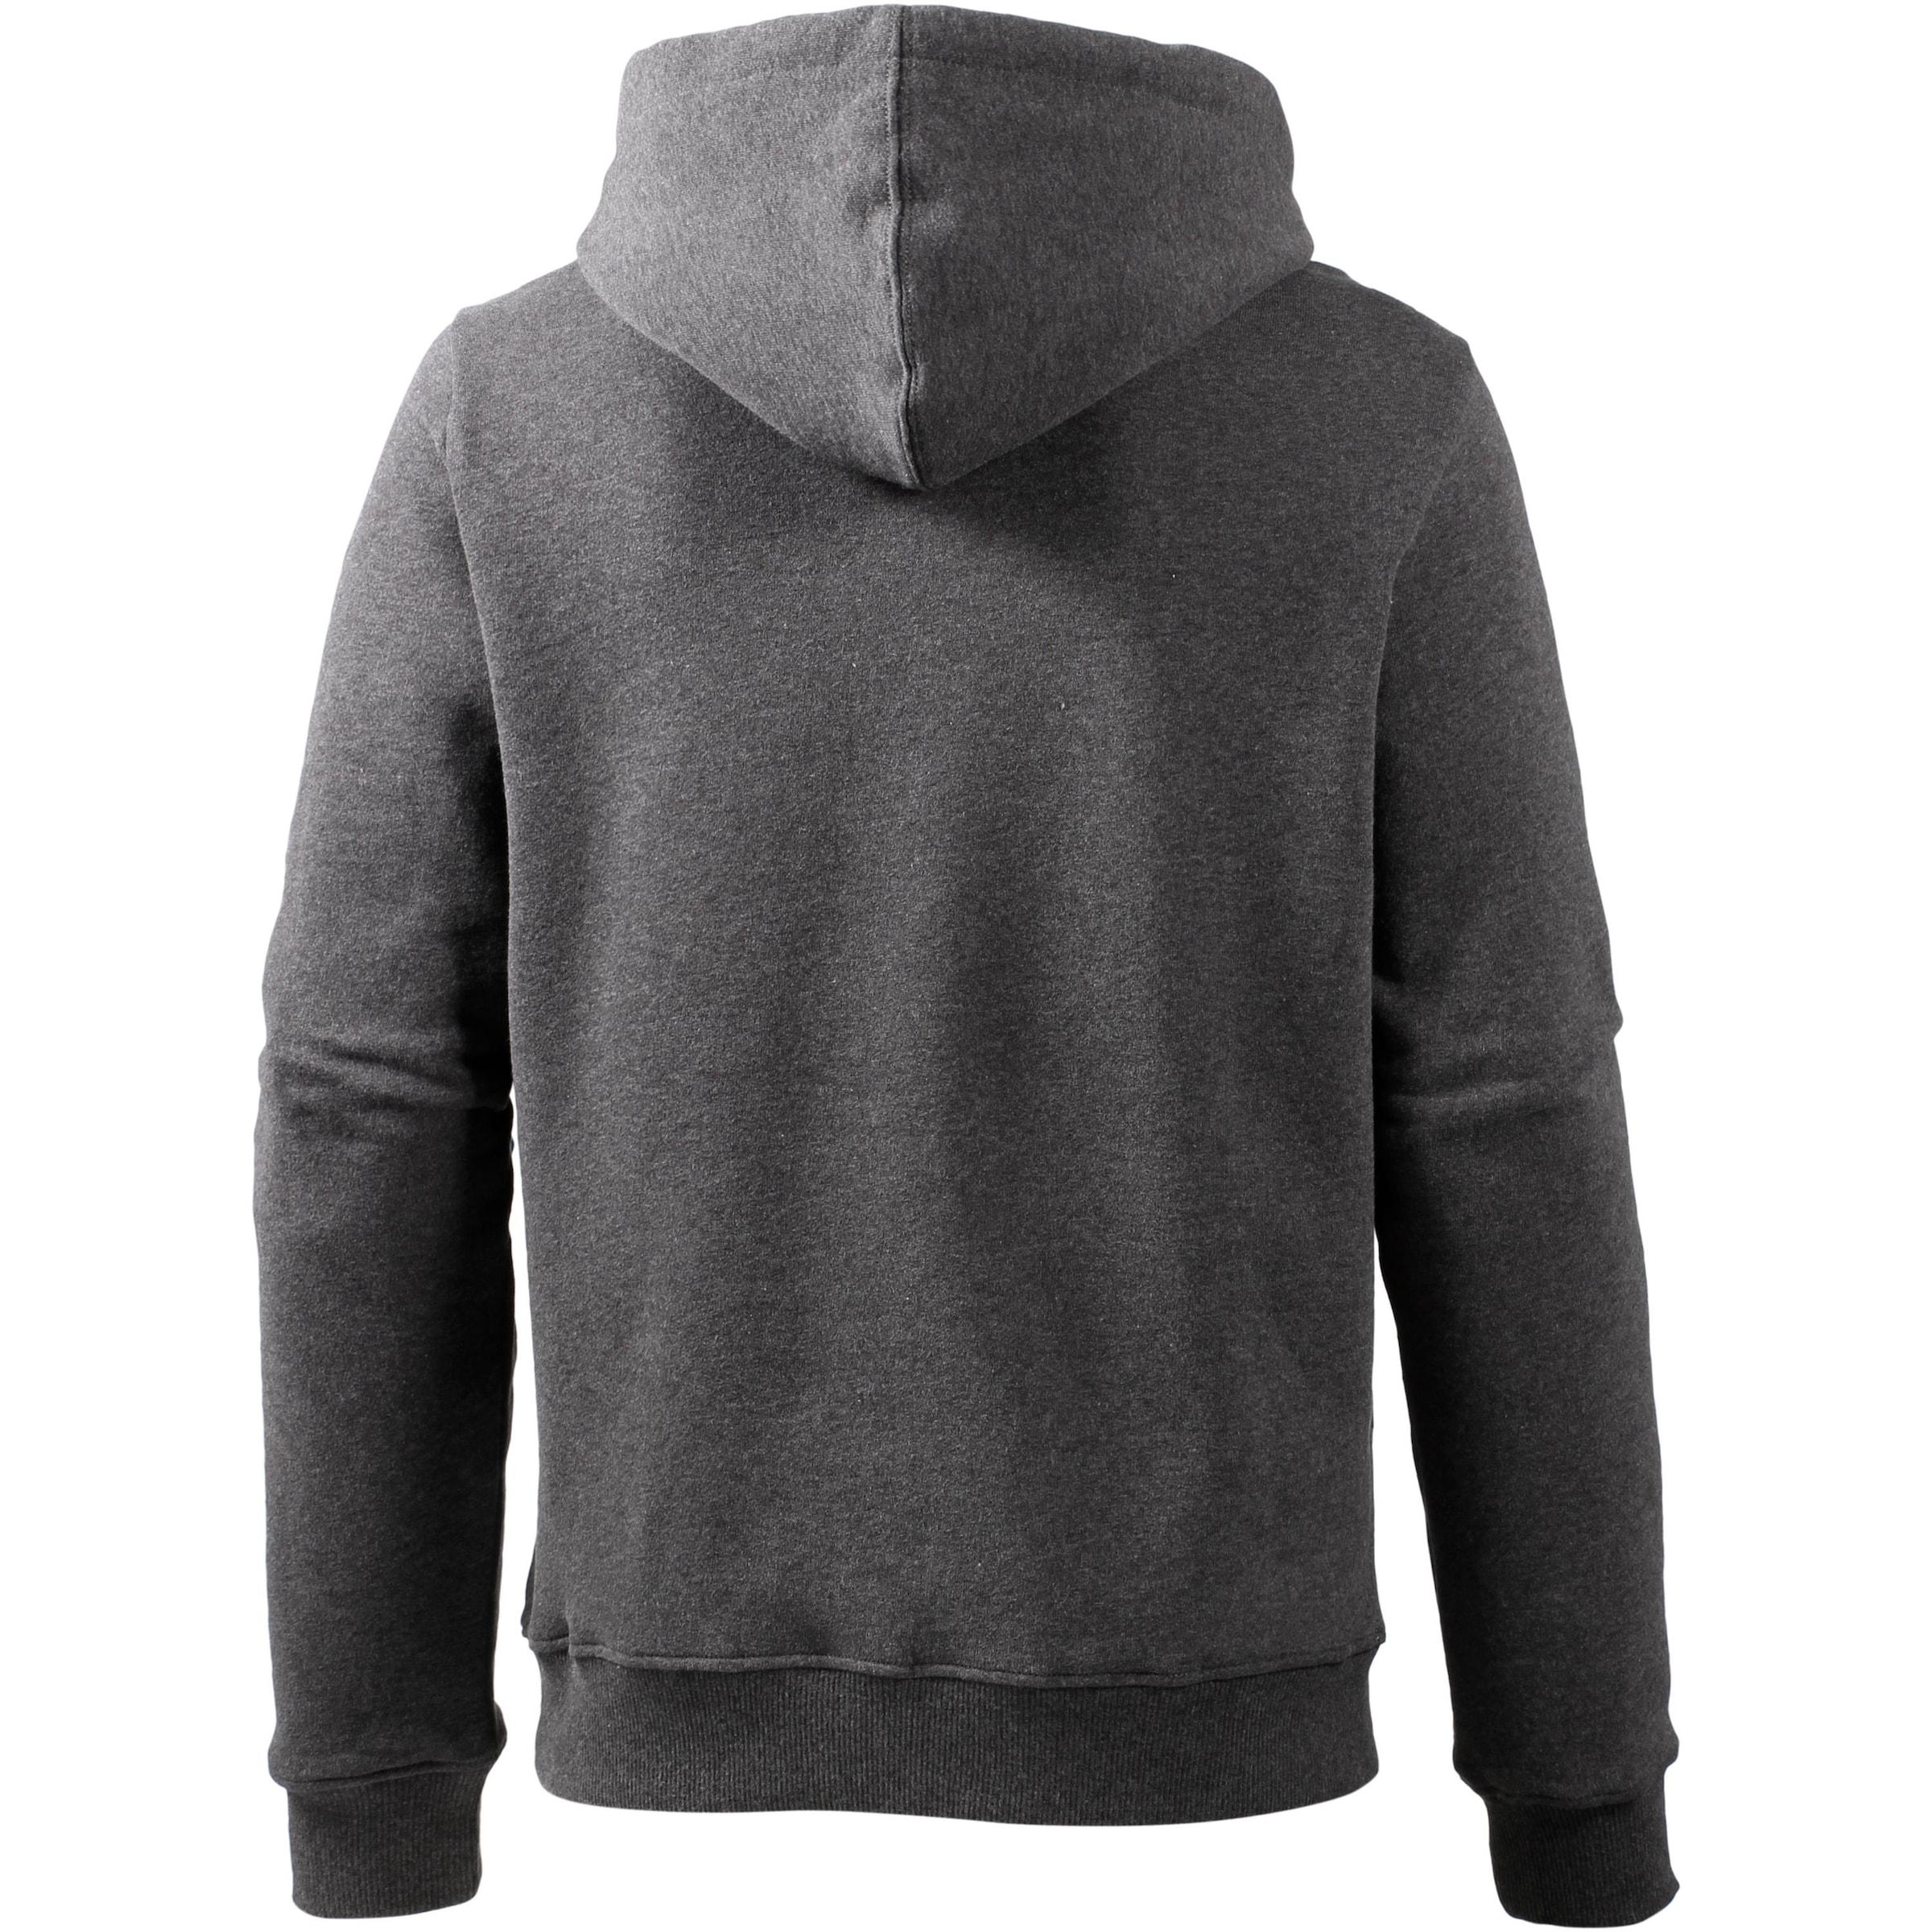 Einkaufen Outlet Online BILLABONG 'WILCOX' Hoodie Herren Kostenloser Versand Shop xca2zuN4